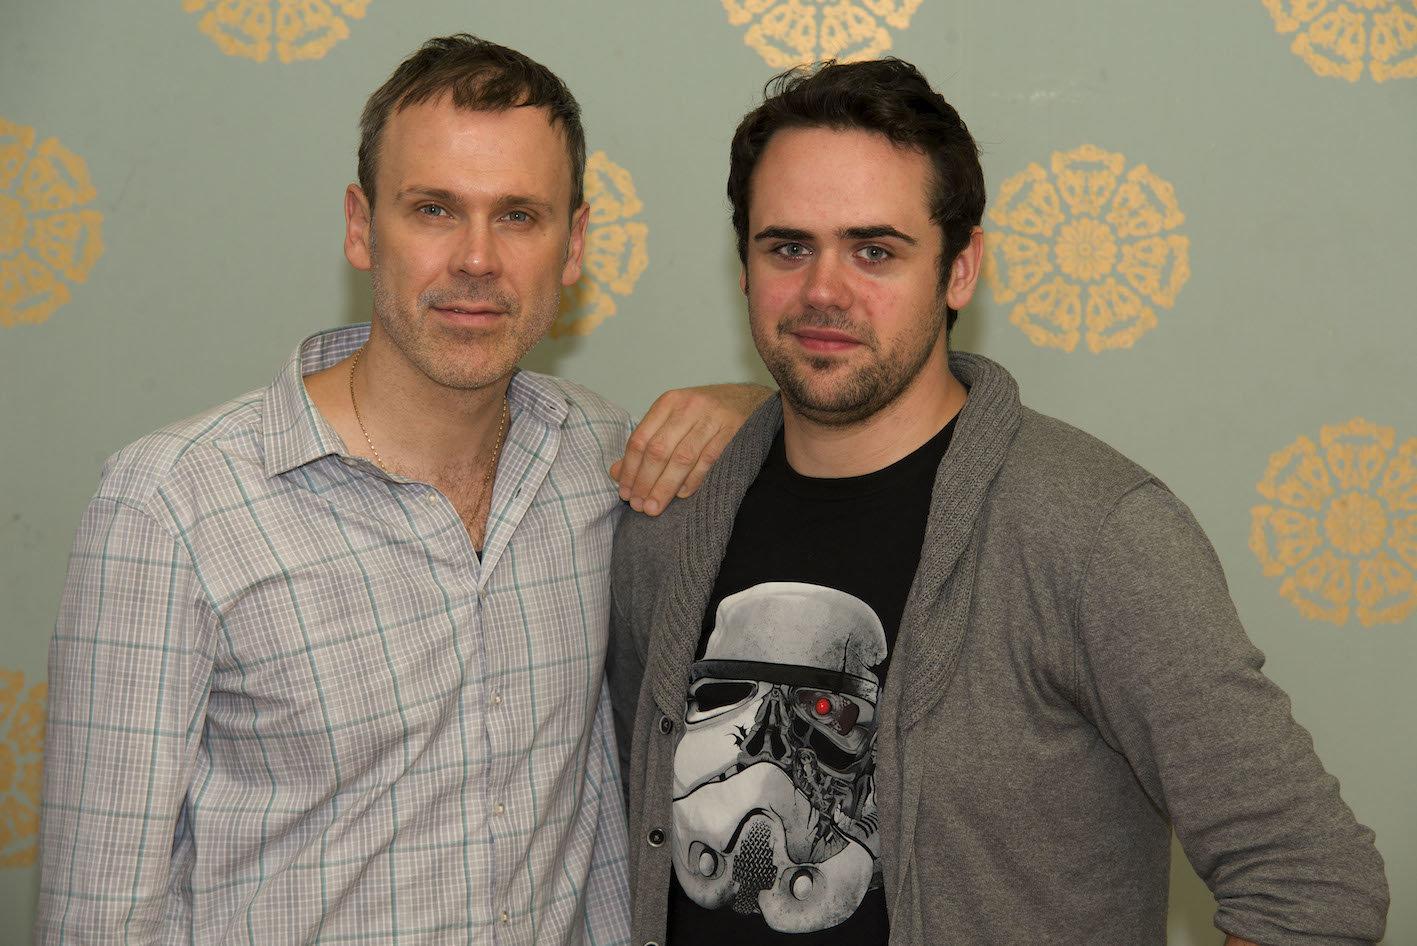 Limerick Filmmaker Steve Hall